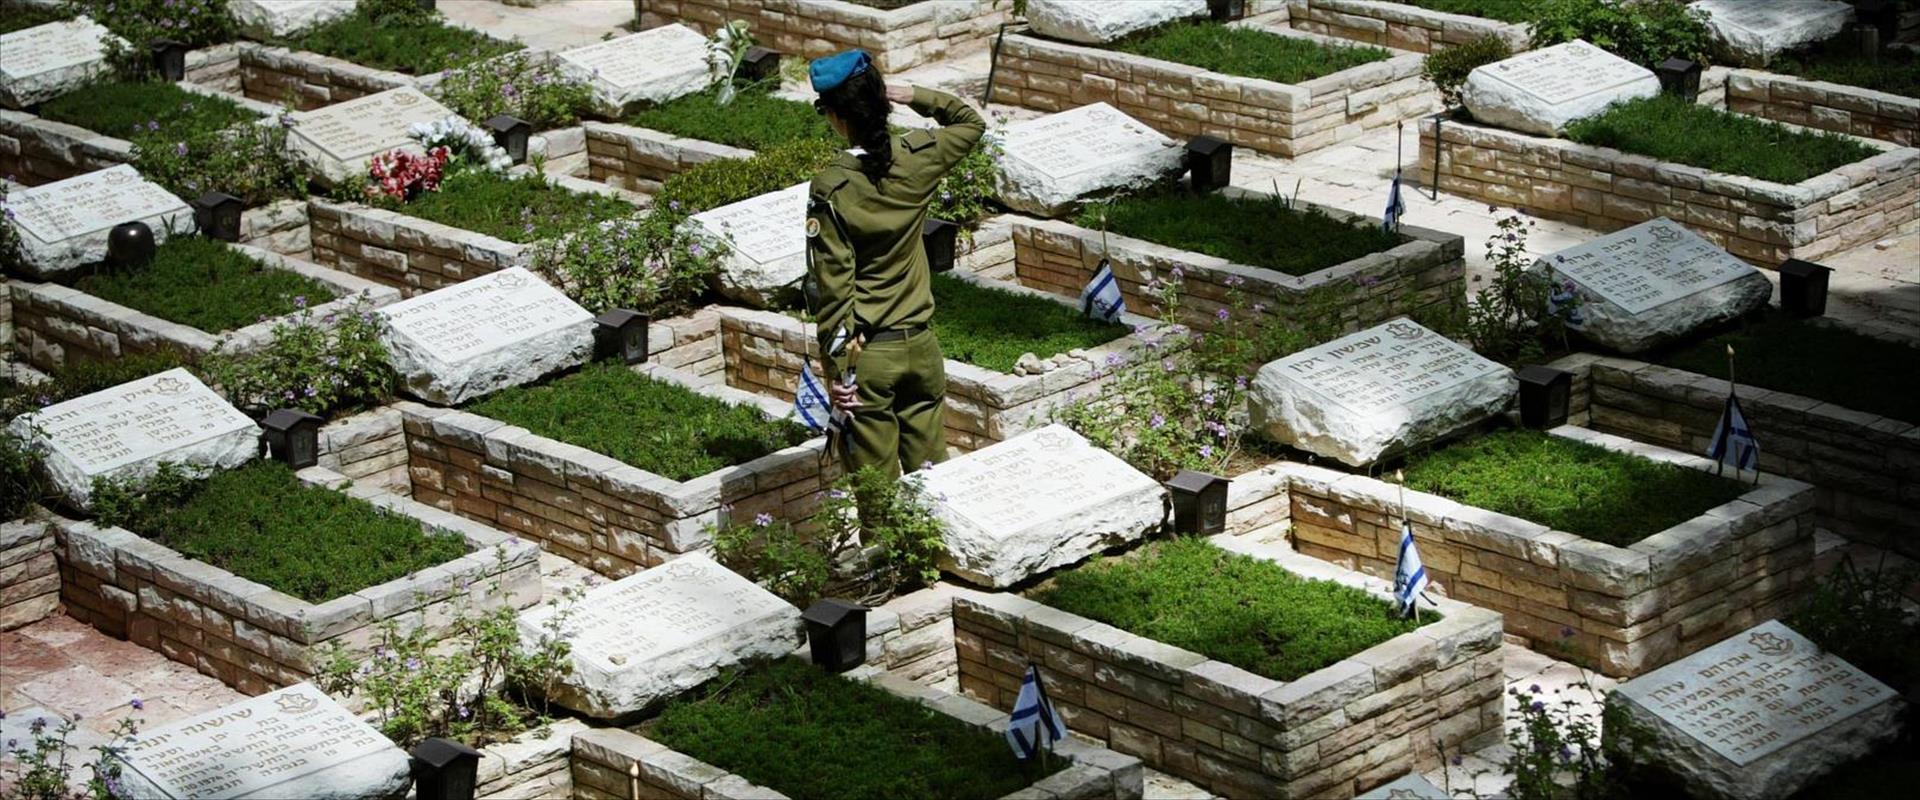 בית קברות צבאי